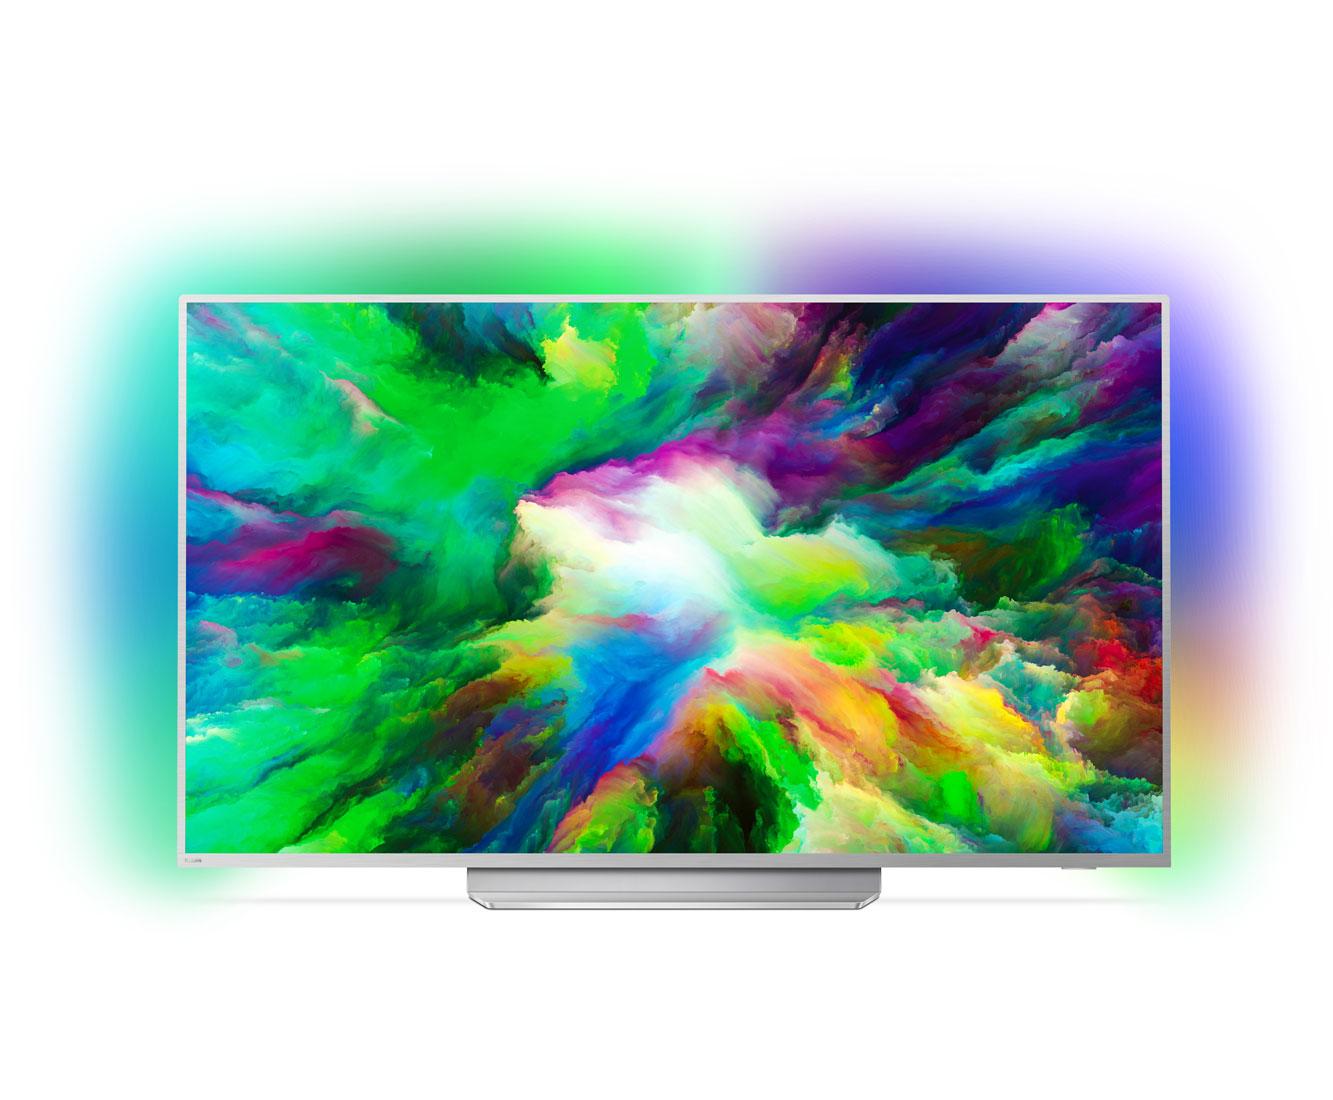 Philips TV 49PUS7803/12 Fernseher - Silber